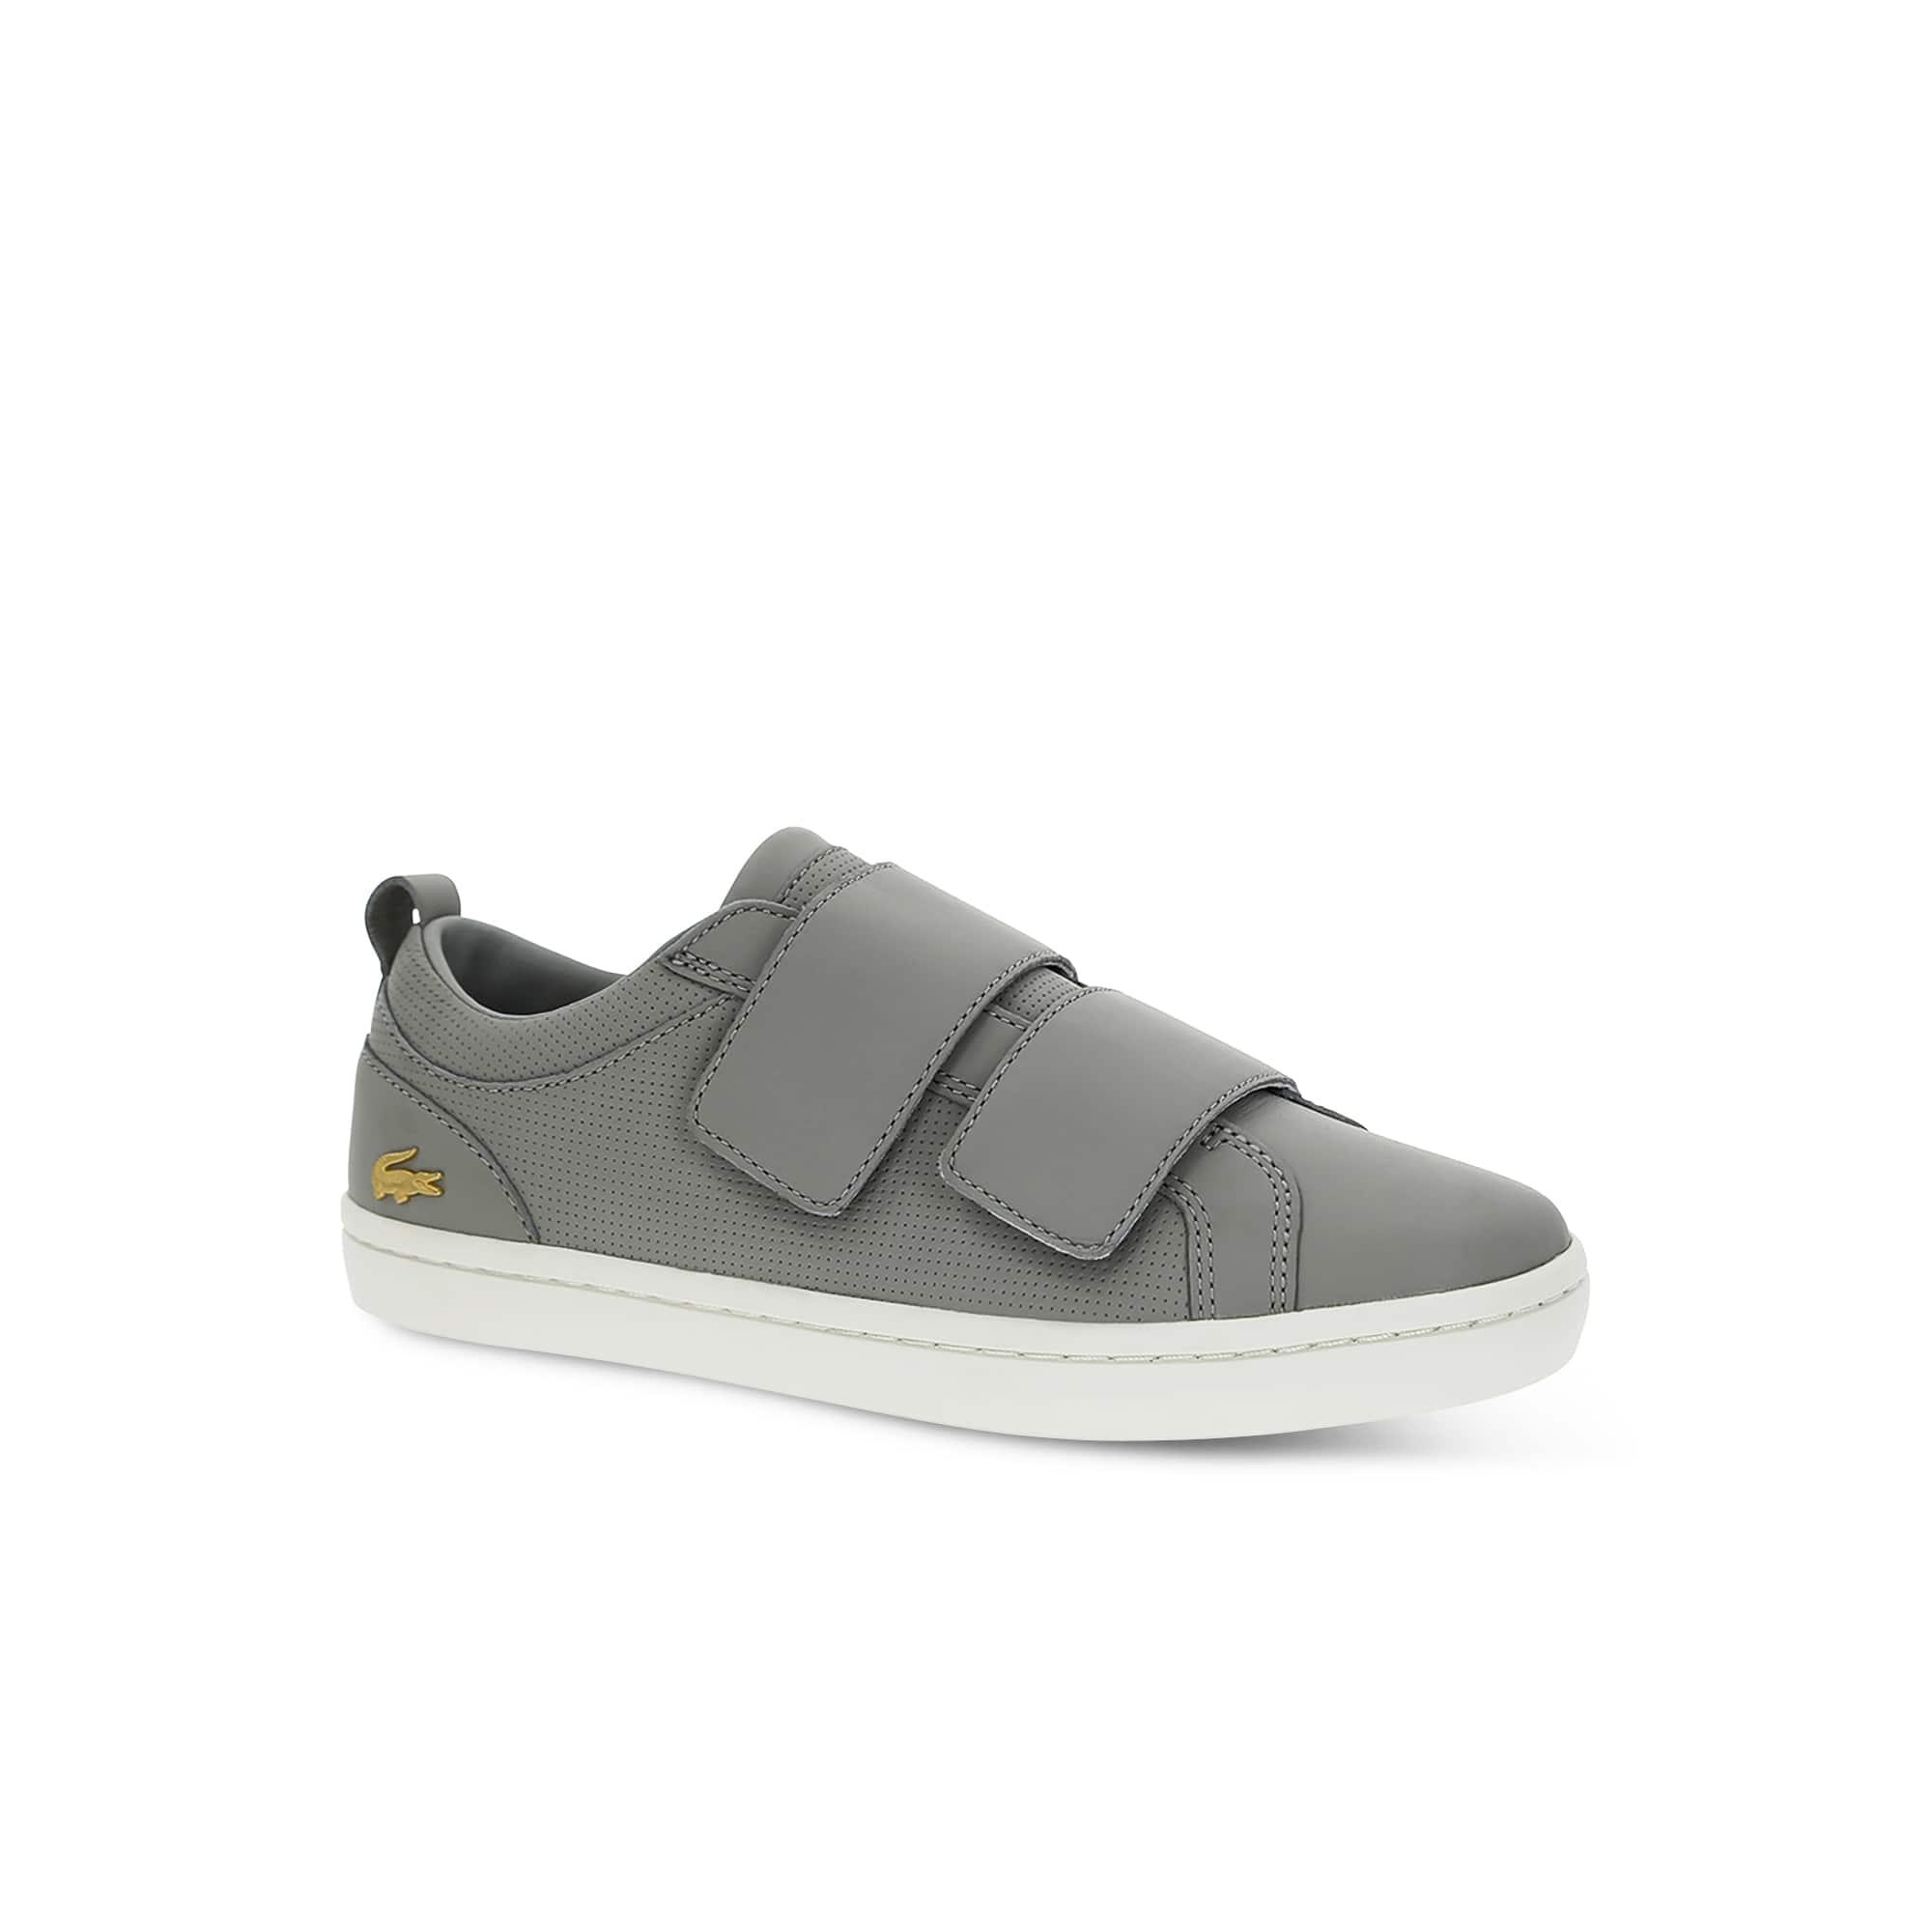 bd4d59709c88 Shoes for Women